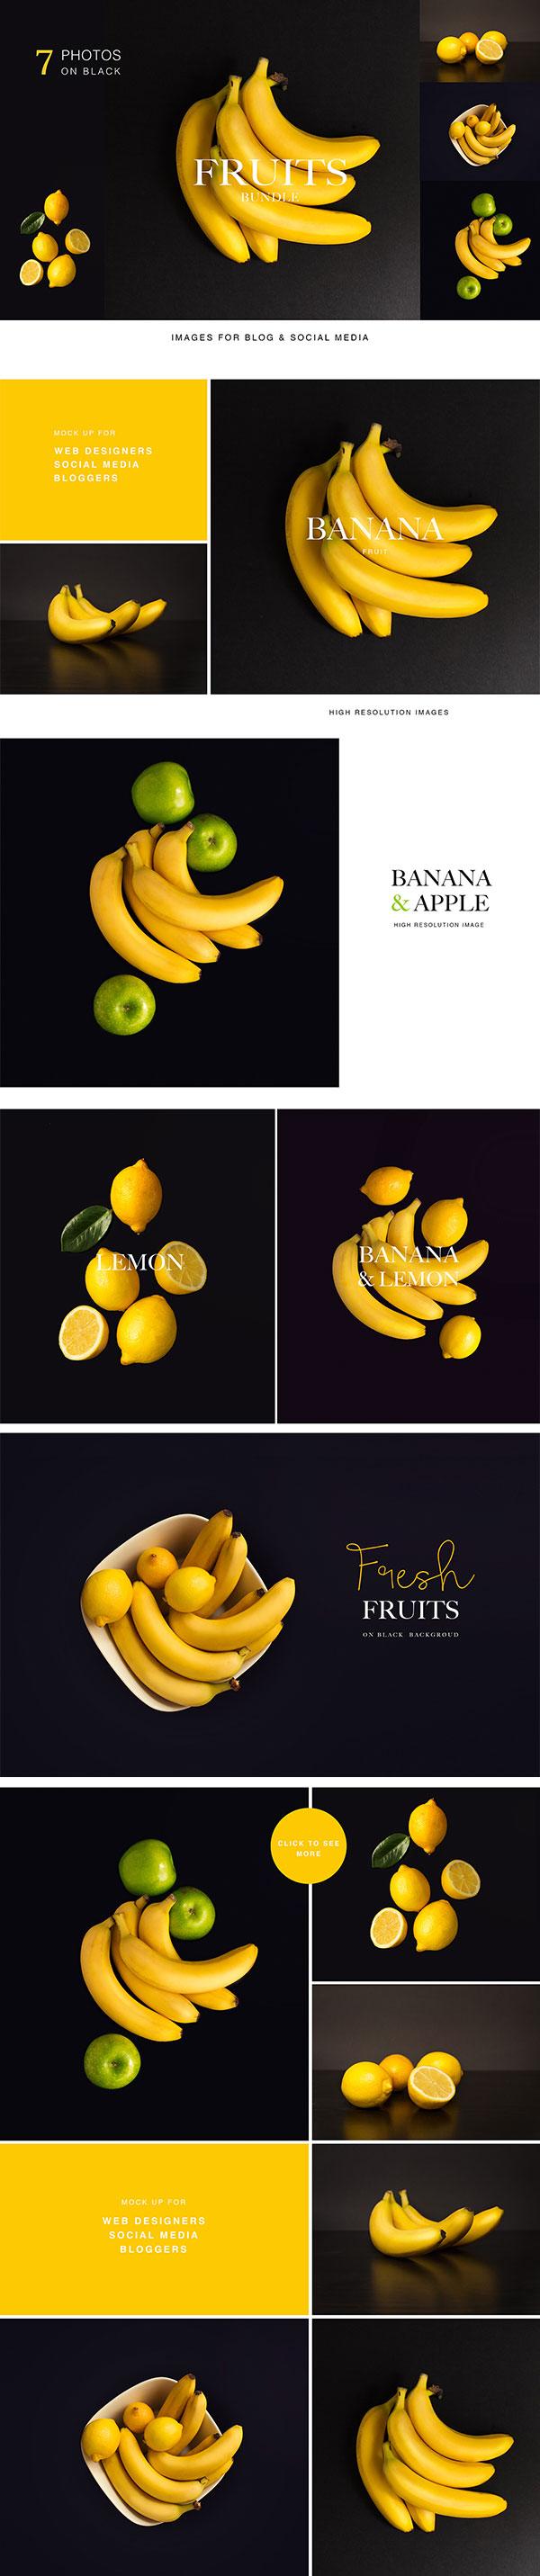 黑色背景水果图片